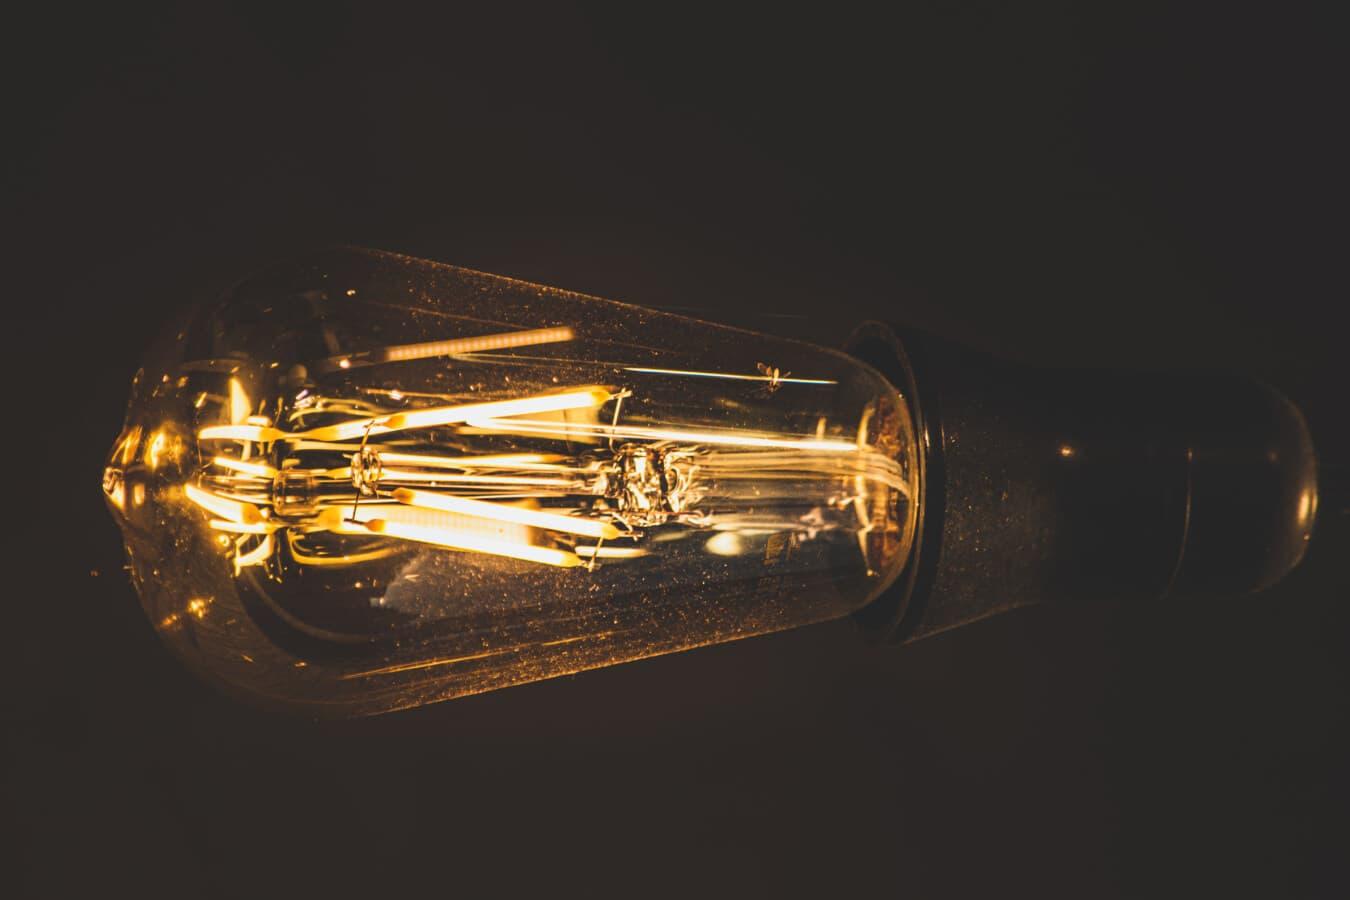 sépia, à l'intérieur, ampoule, filament, fils, vintage, FLARE, luminosité, lampe, électricité